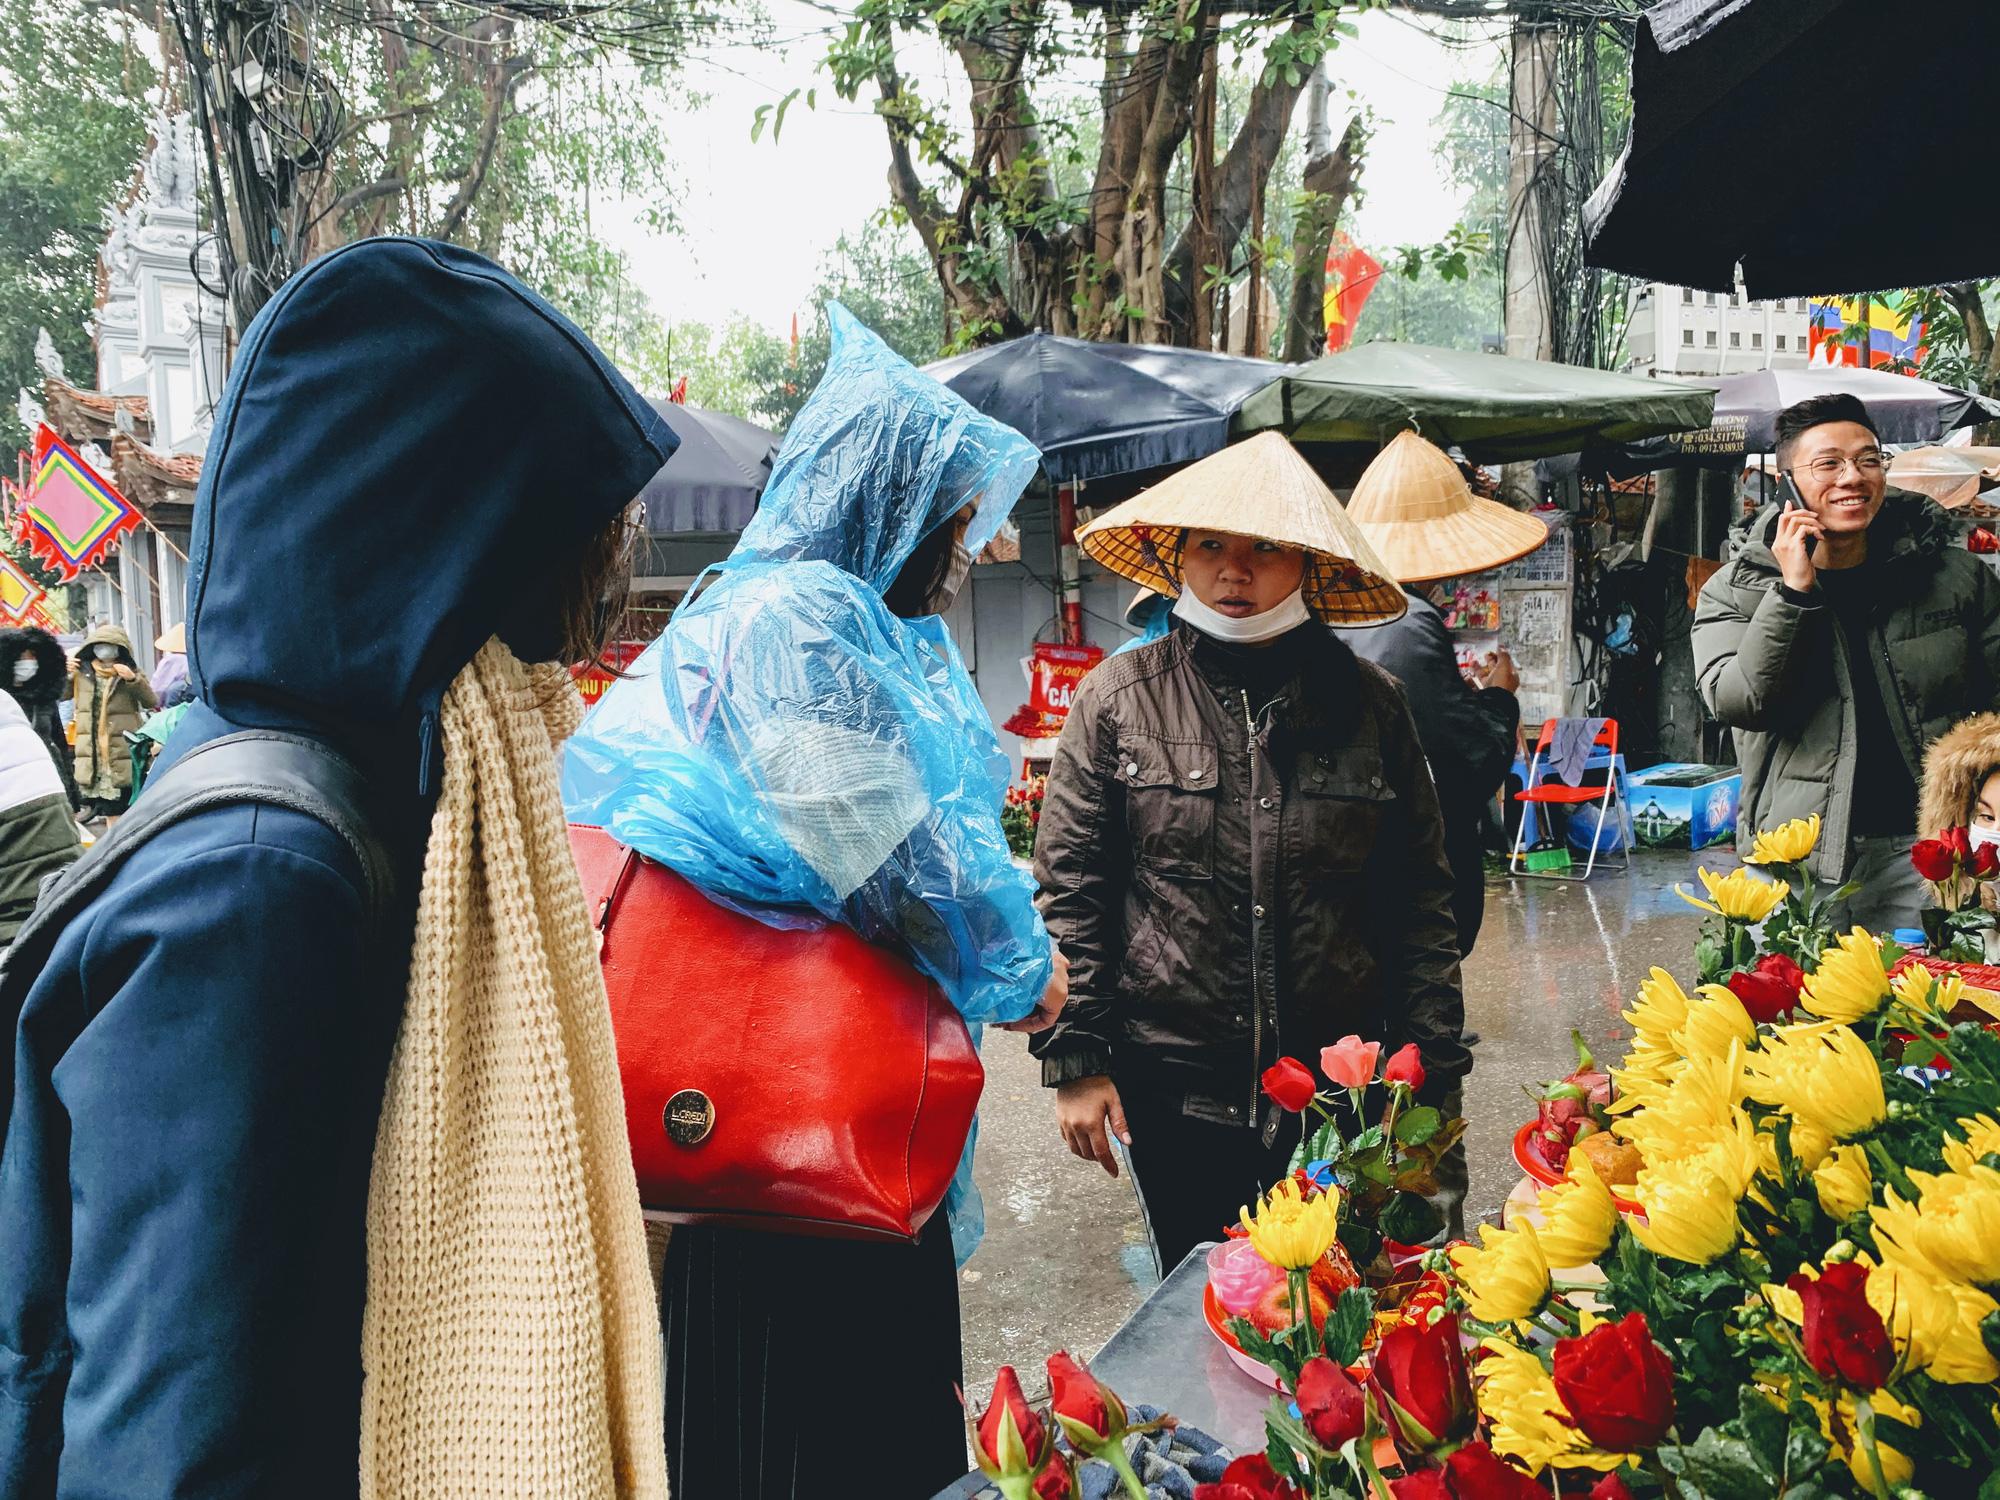 Rằm tháng Giêng, hàng quán ven đền chùa ế ẩm, người bán than trời: Chưa năm nào vắng như năm nay - Ảnh 6.